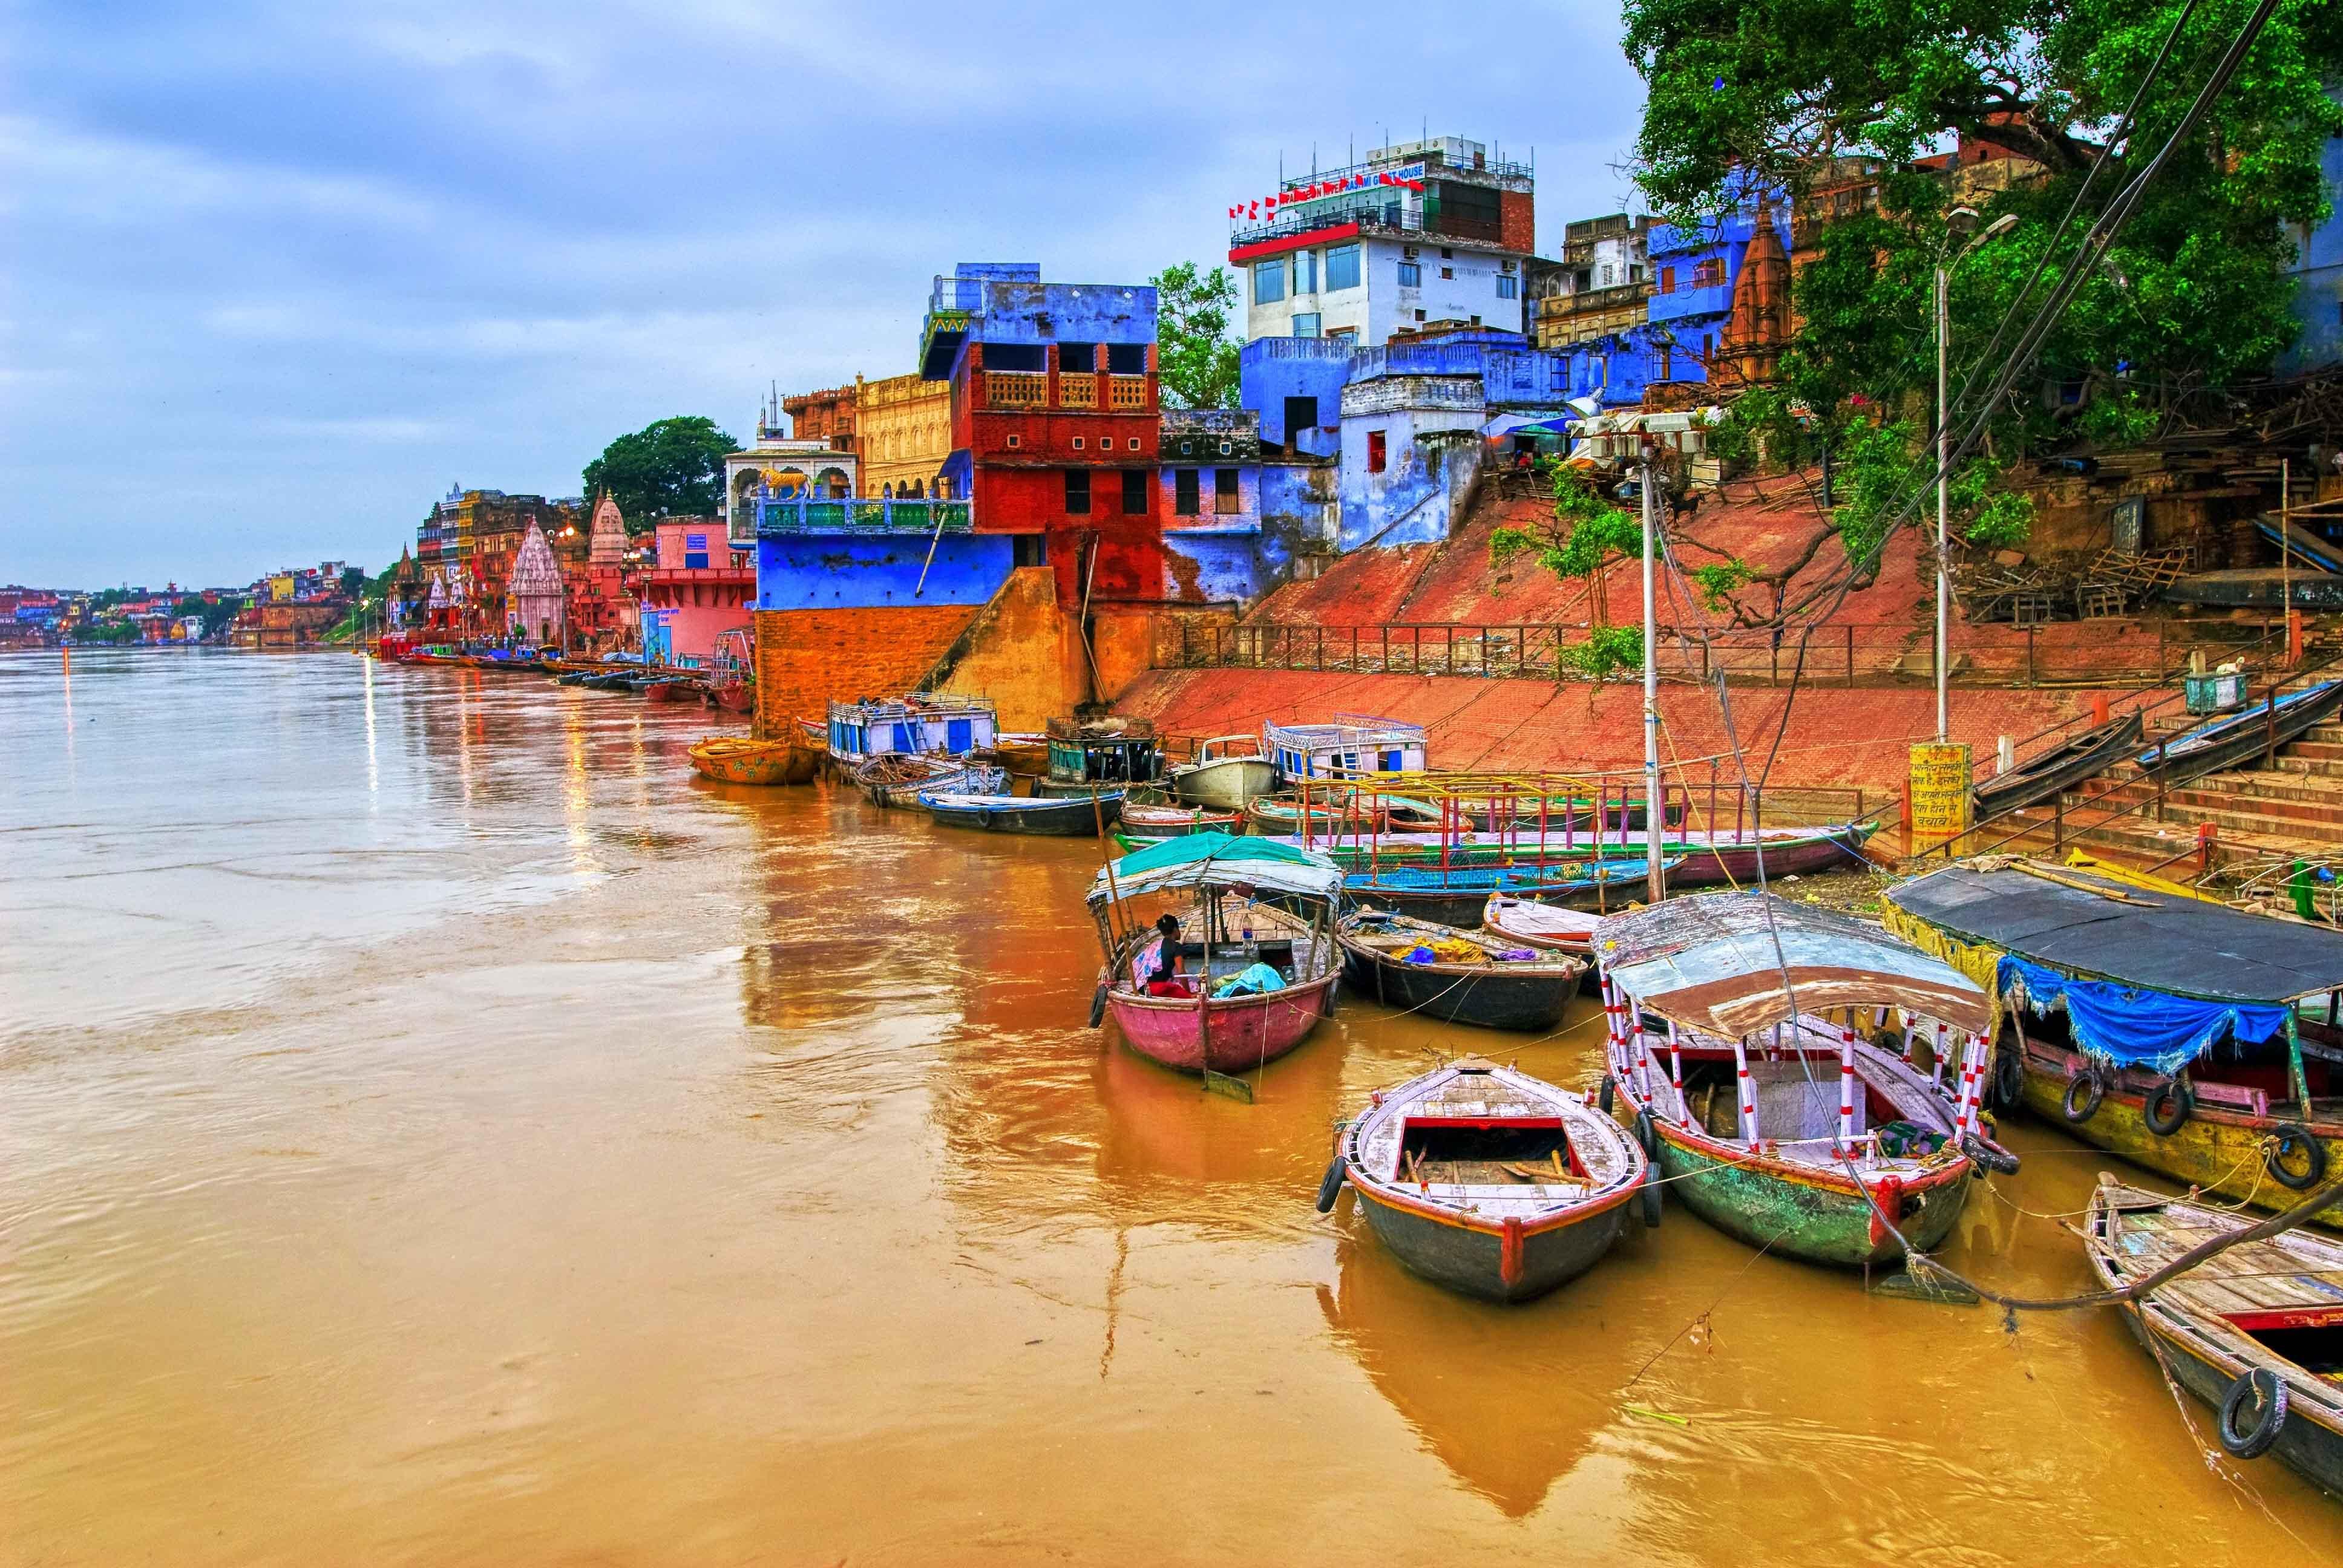 India: un pericolo mortale dall'acqua